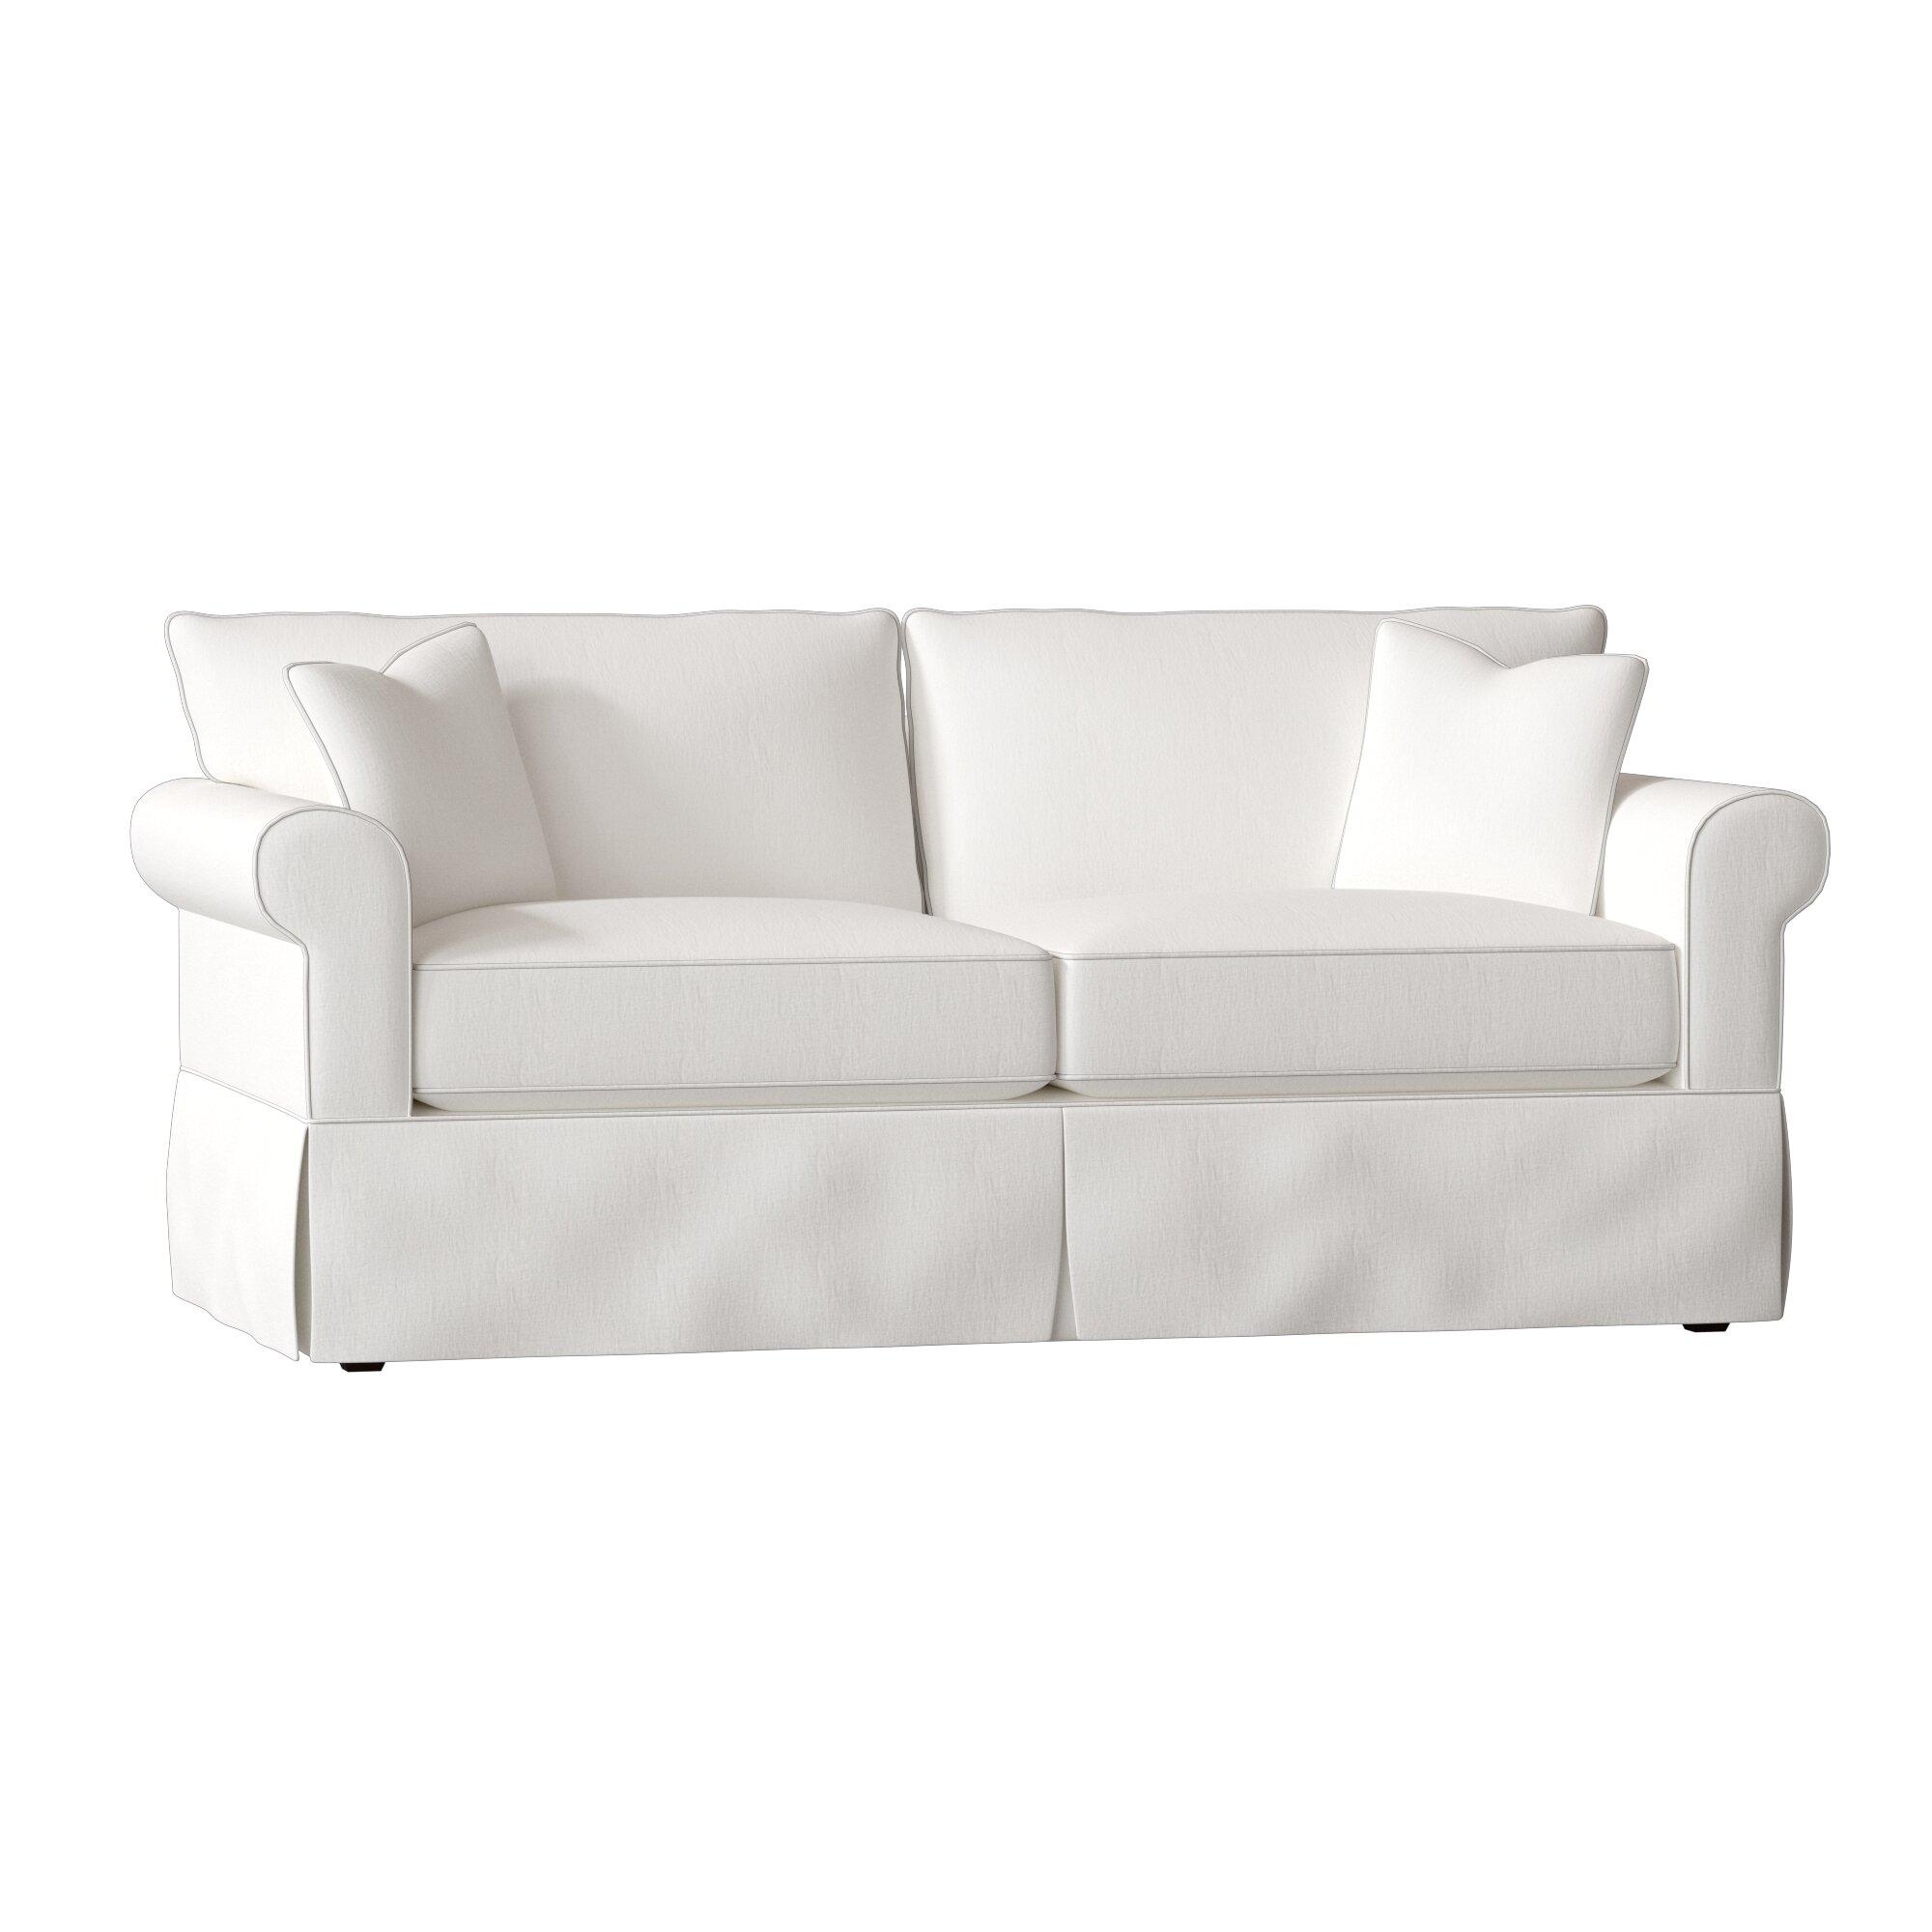 Admirable Jameson Sofa Inzonedesignstudio Interior Chair Design Inzonedesignstudiocom